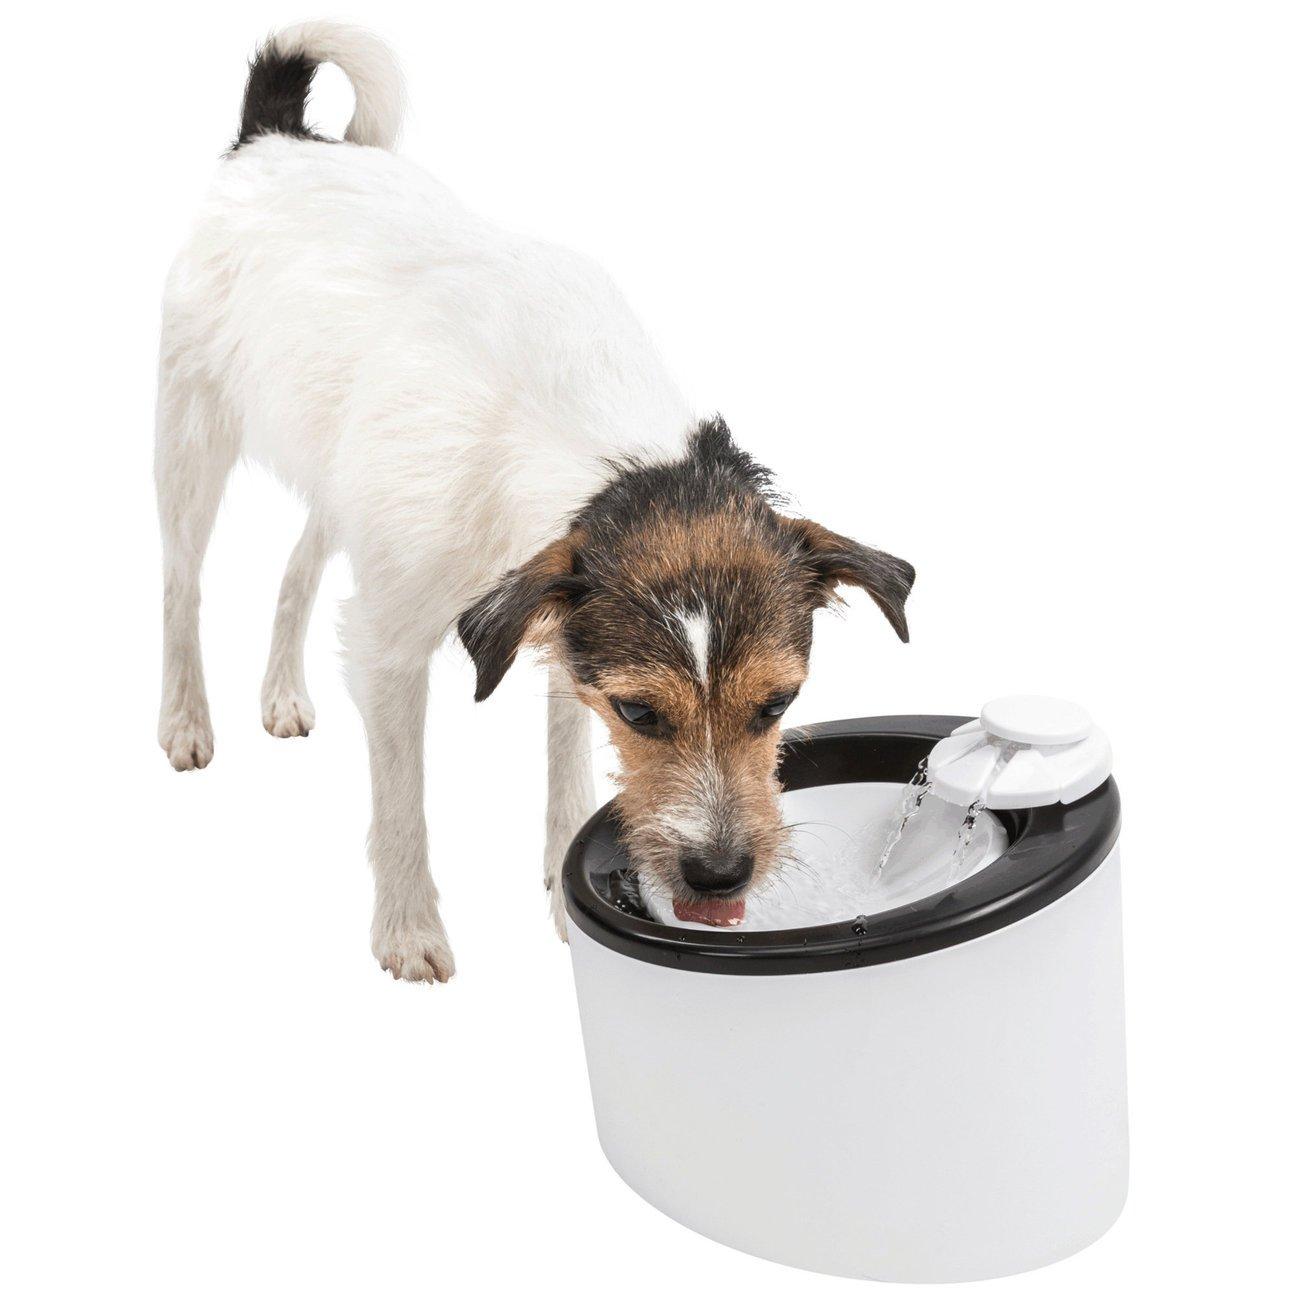 Trixie Hunde Trinkbrunnen Wasserautomat Triple Flow 24452, Bild 3